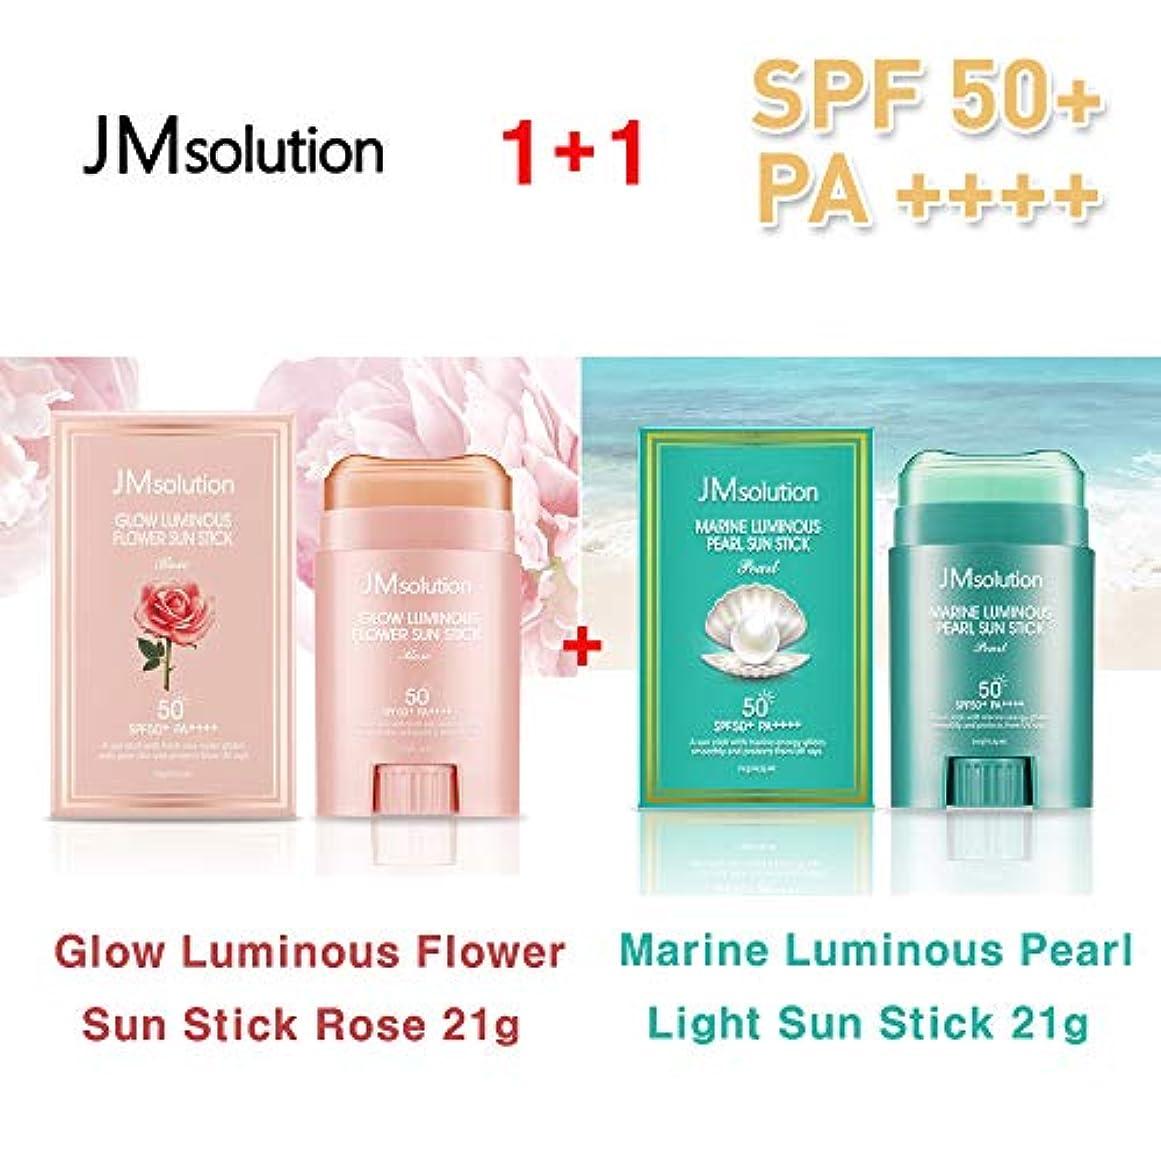 細菌有名な現像JM Solution ★1+1★ Glow Luminous Flower Sun Stick Rose 21g + Marine Luminous Pearl Light Sun Stick 21g / 光る輝く花Sun Stick Rose + マリンルミナスパールライトサンスティック21g /